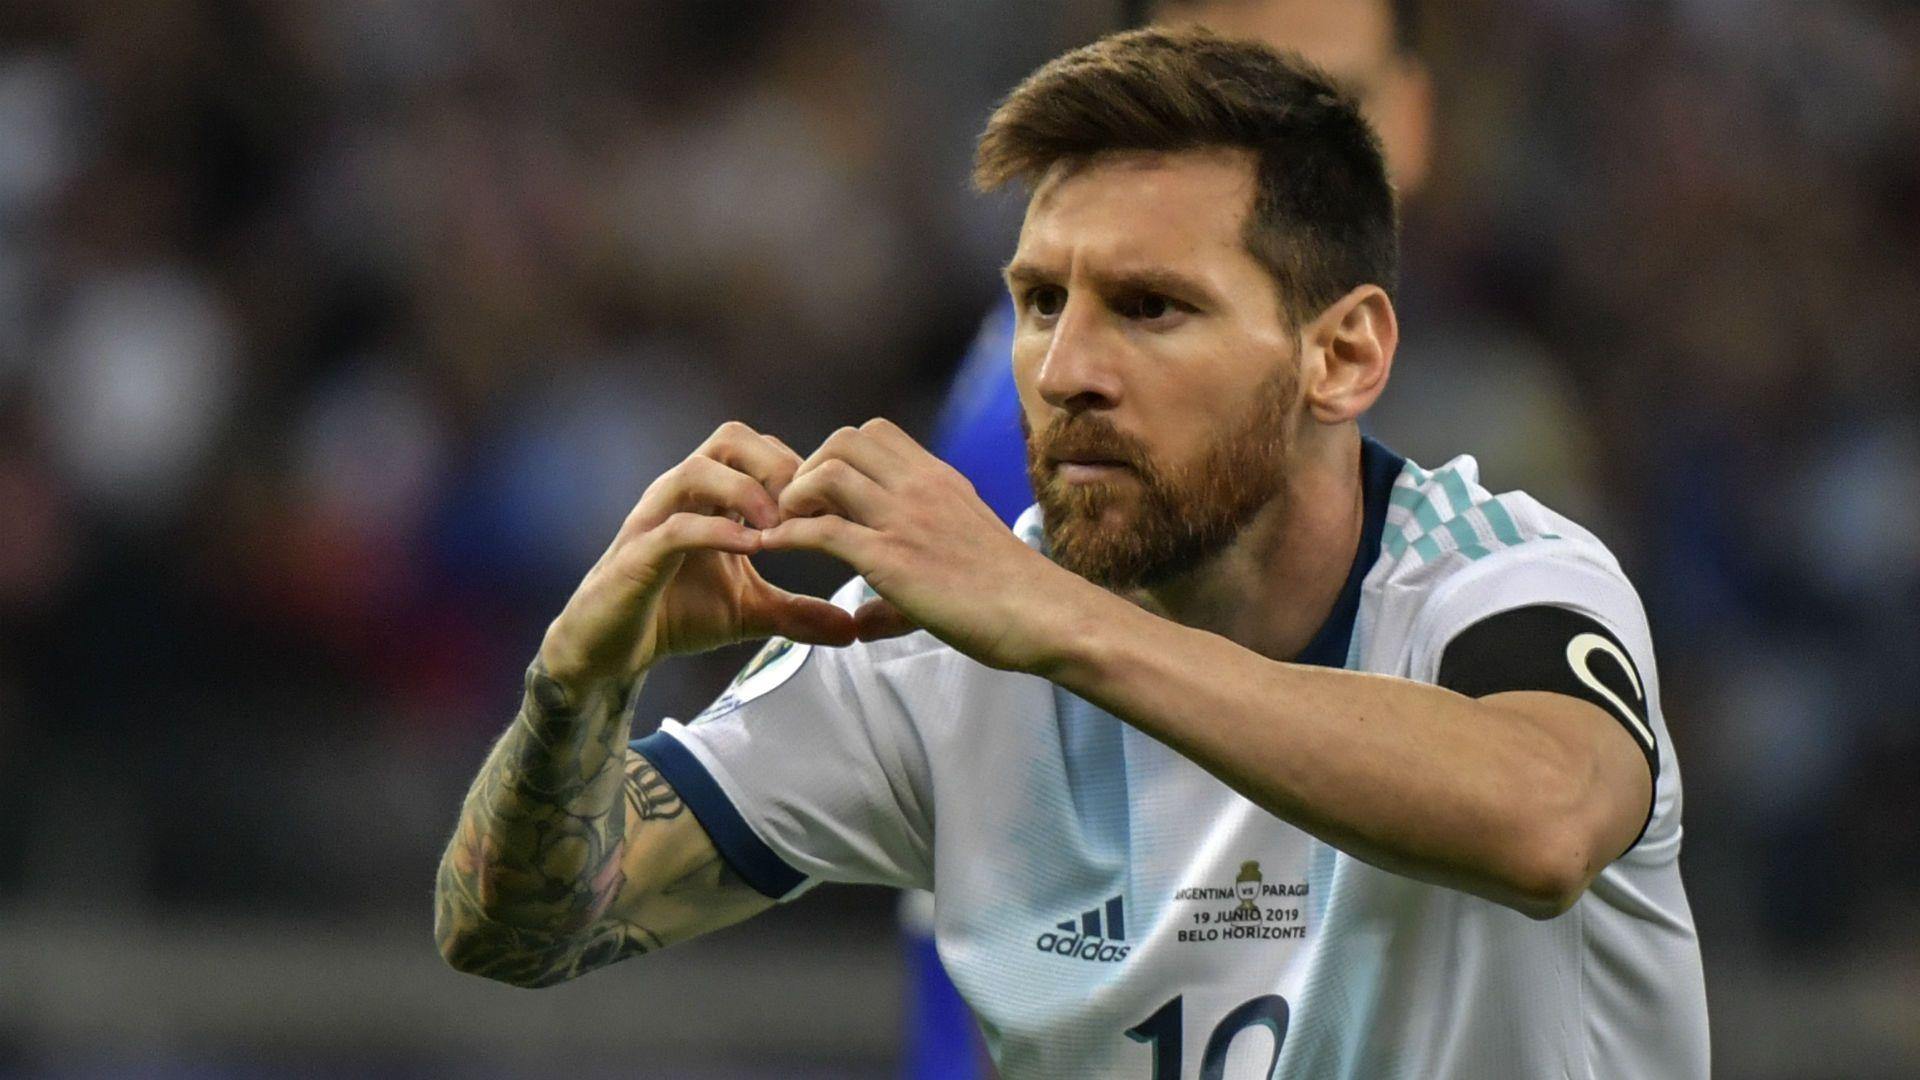 Hinchas en Barranquilla esperaron 10 horas para ver a Lionel Messi